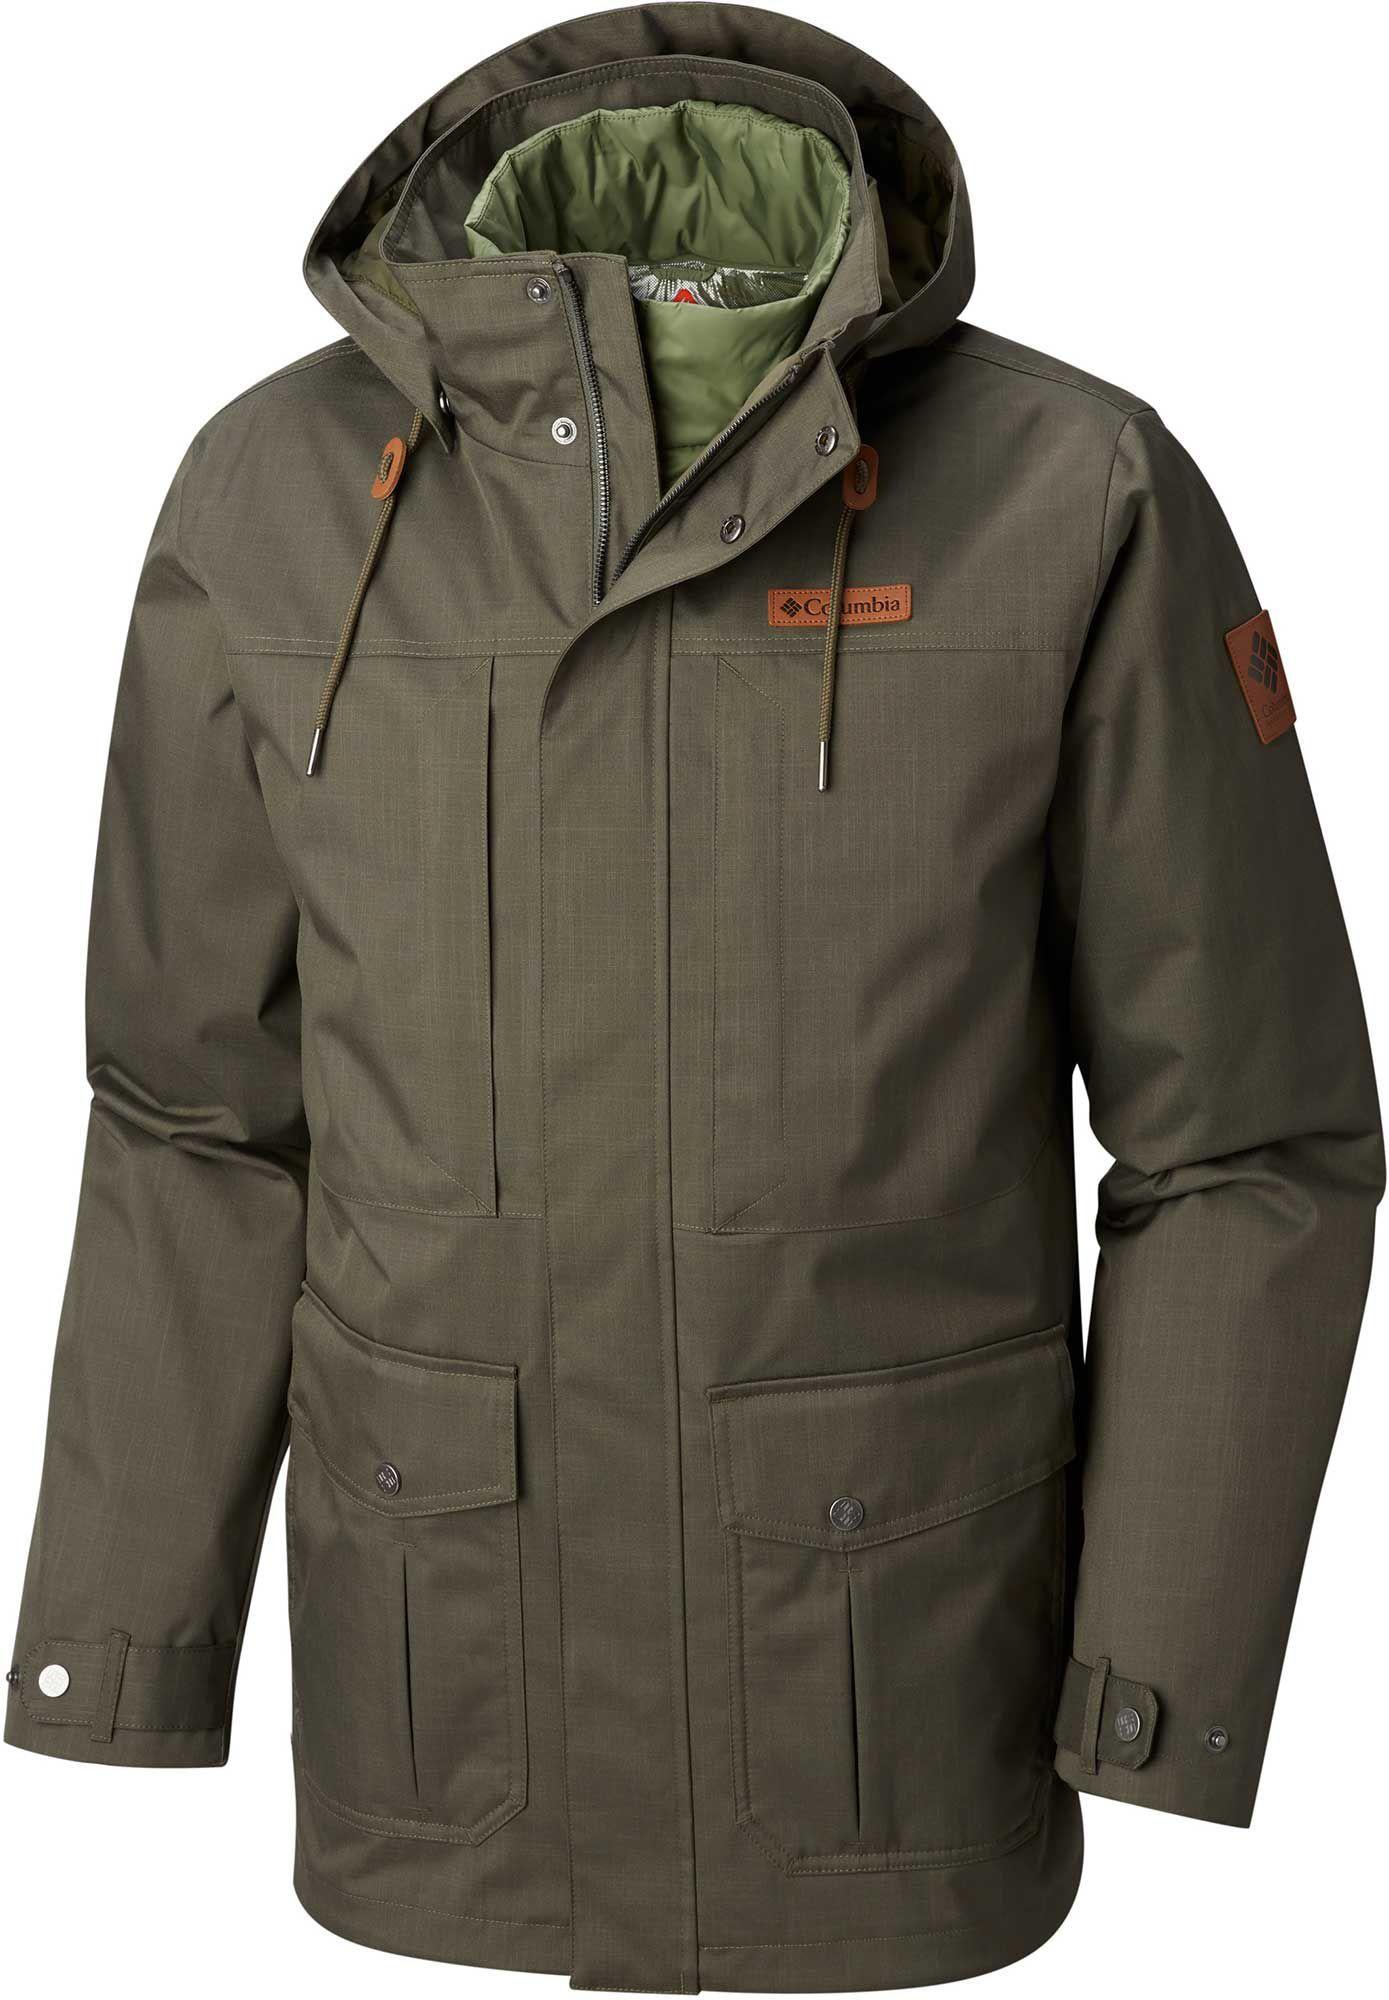 e0b6cd254336 Columbia Men s Horizons Pine Interchange 3-in-1 Jacket in 2019 ...